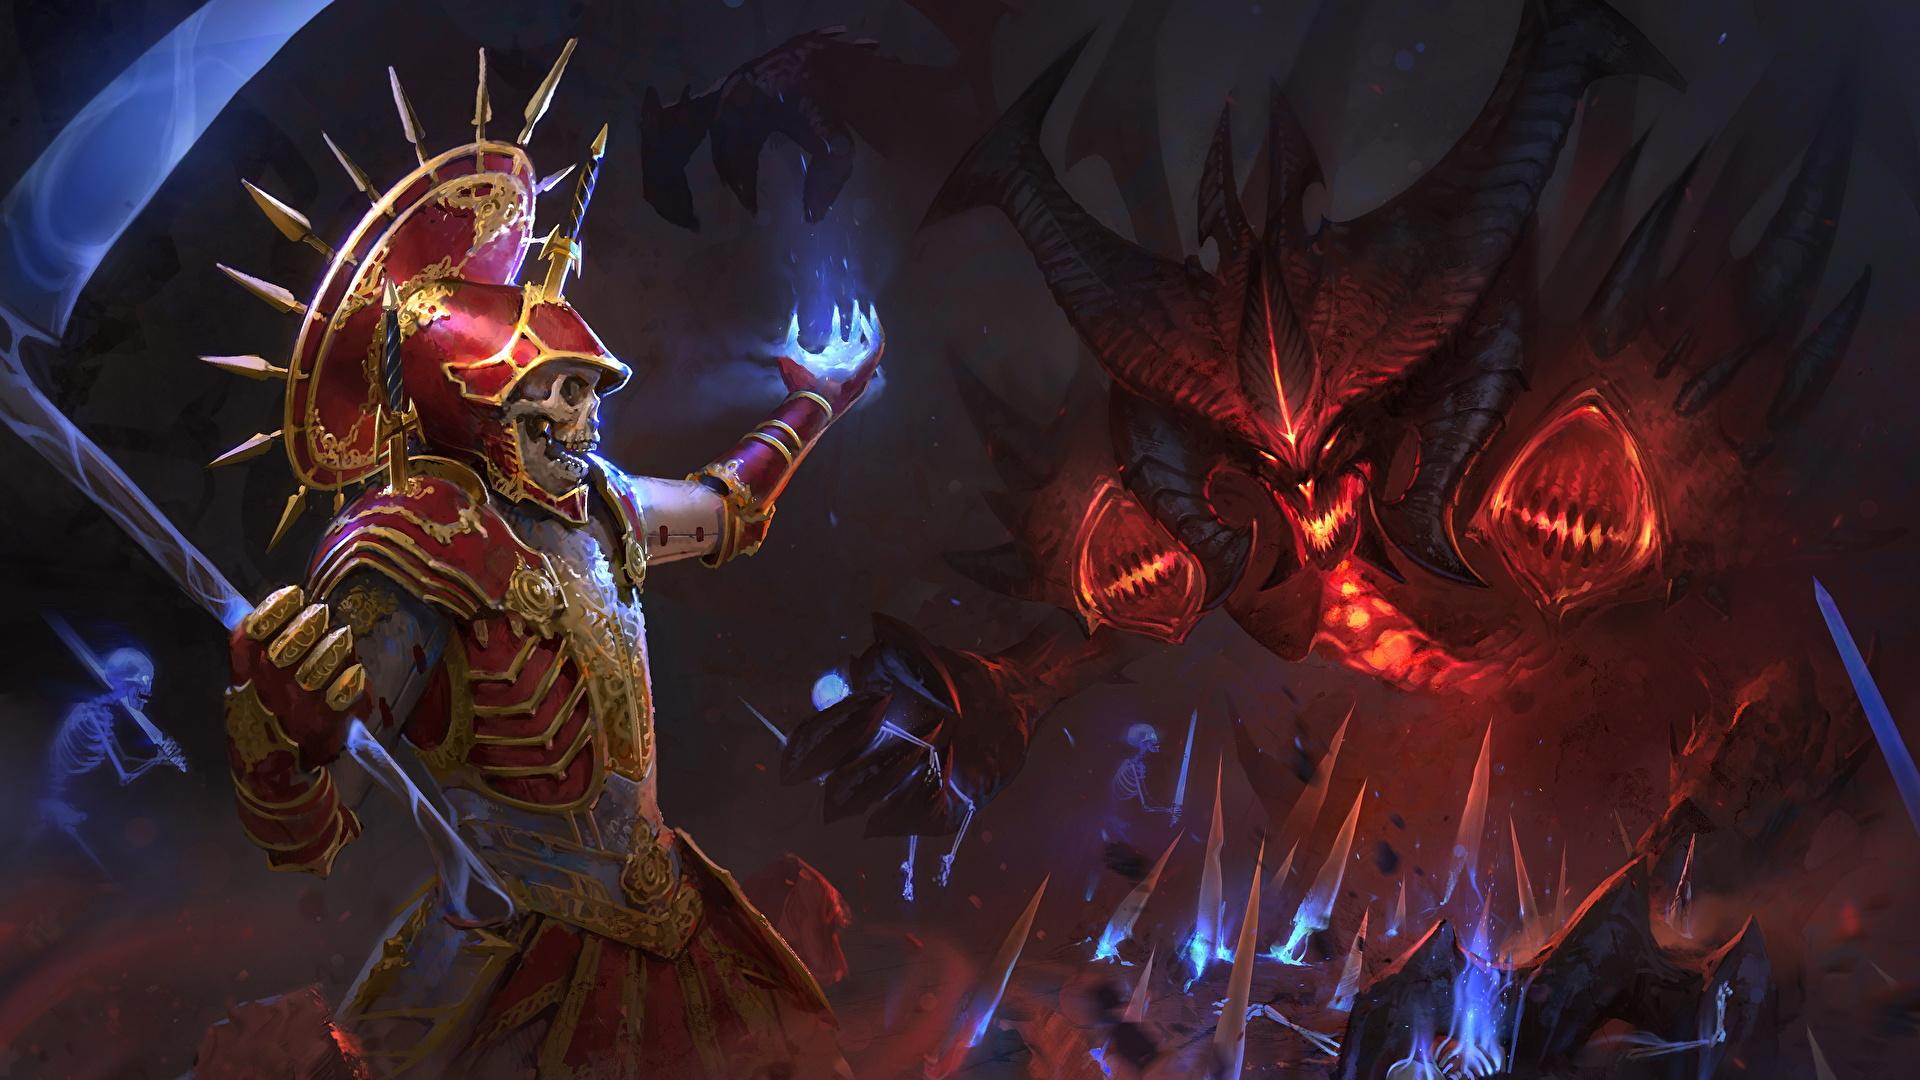 Papeis de parede Demônios Guerreiro Heroes of the Storm